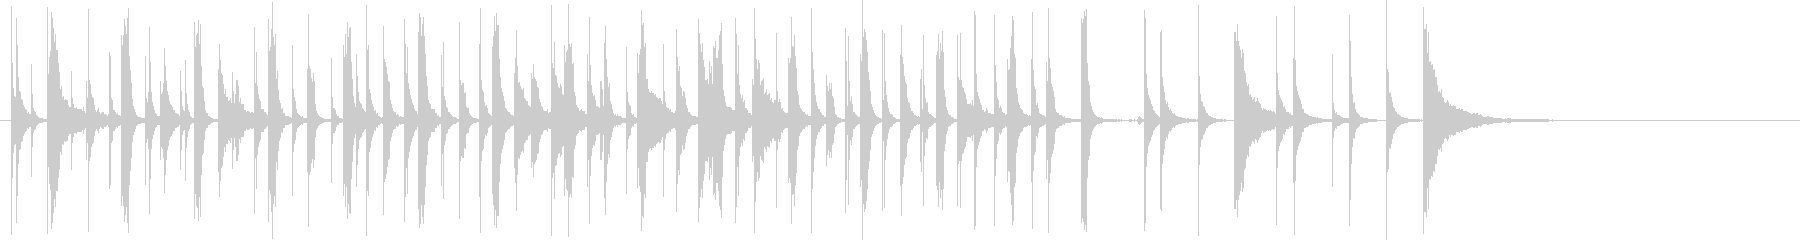 木琴メロディー:ケイジャン料理:A...の未再生の波形